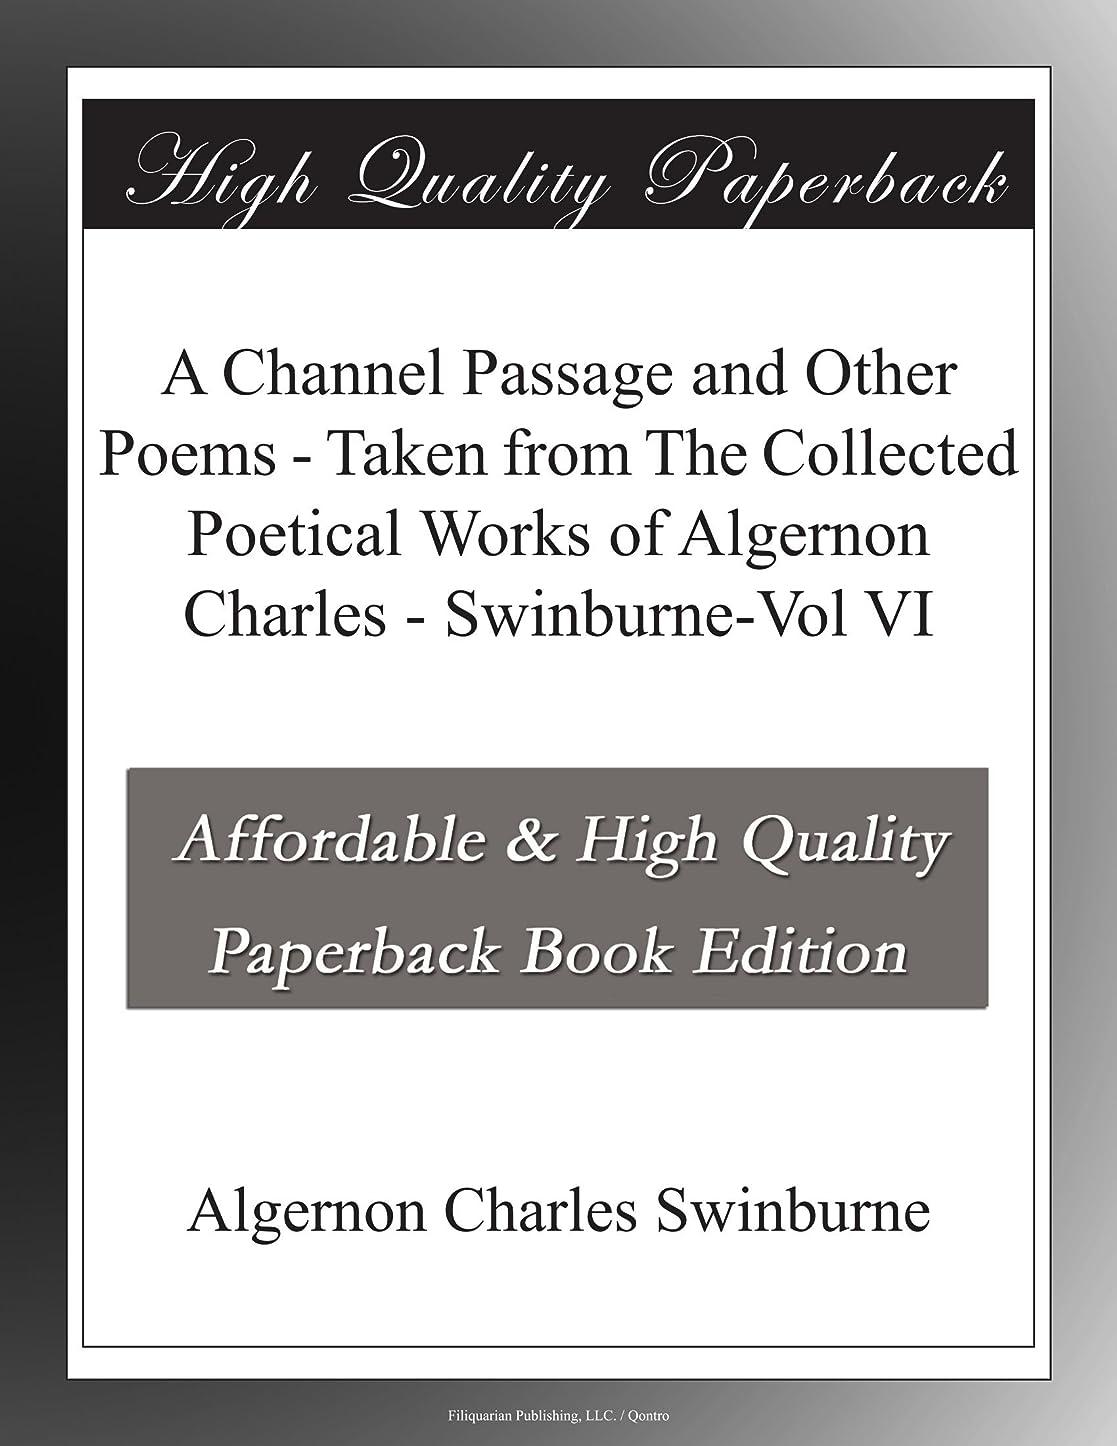 報告書アラバマ硫黄A Channel Passage and Other Poems - Taken from The Collected Poetical Works of Algernon Charles - Swinburne-Vol VI